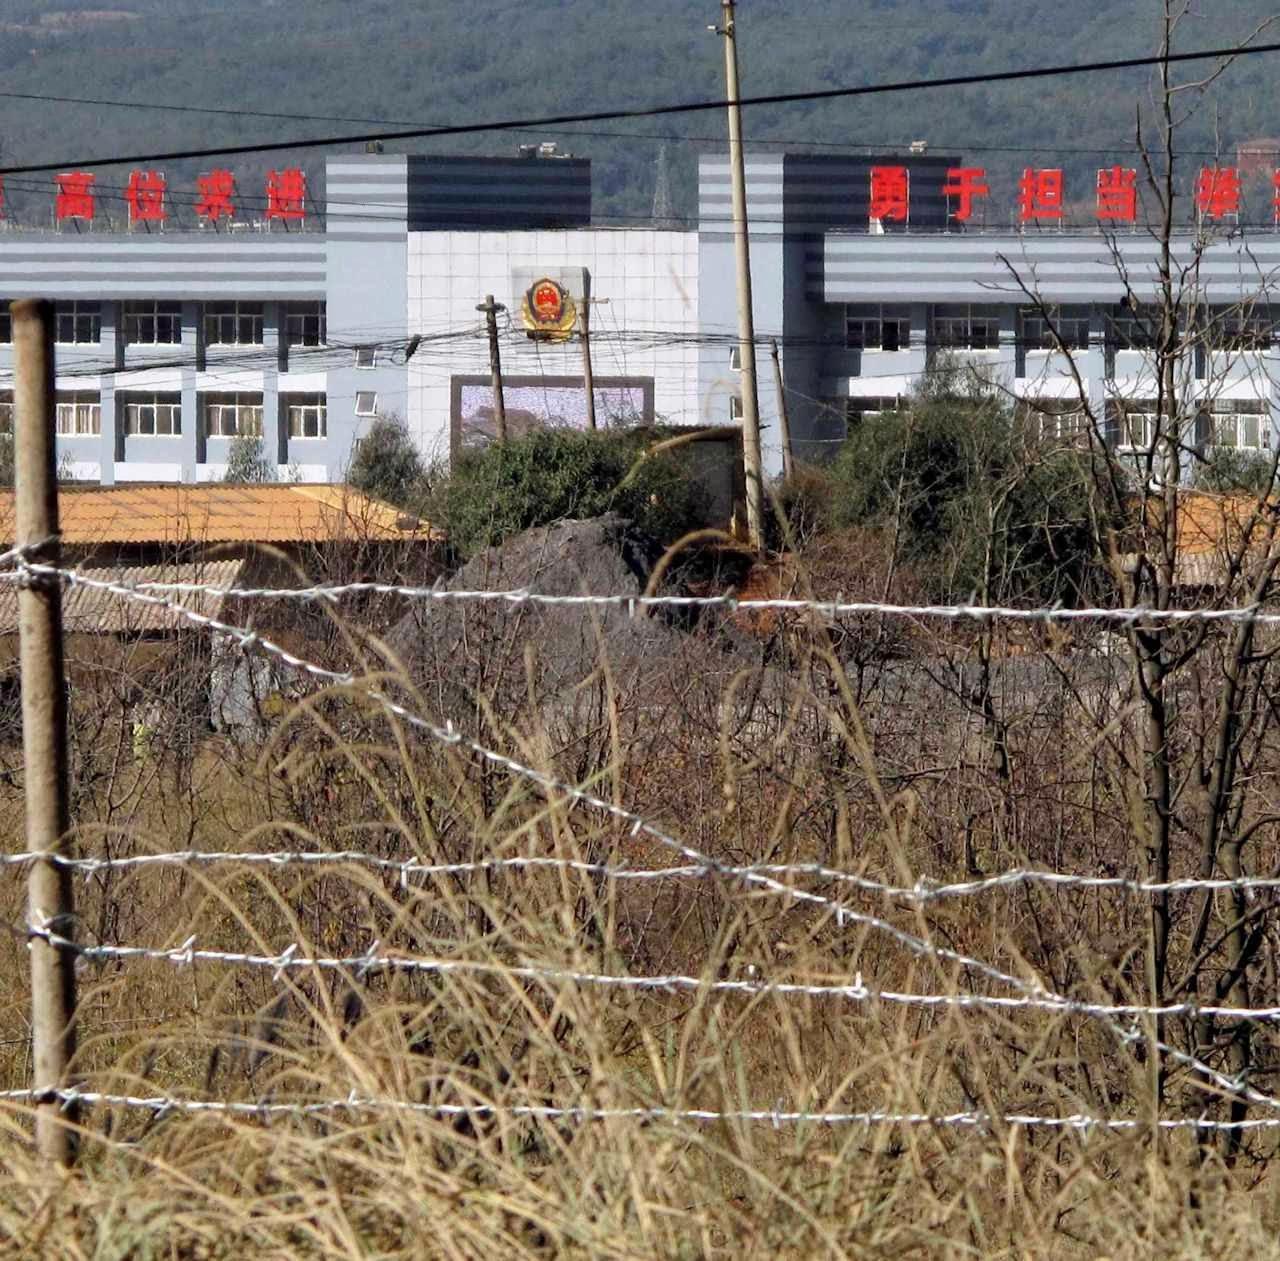 Campo de trabalhos forçados em Kunming, província de Yunnan